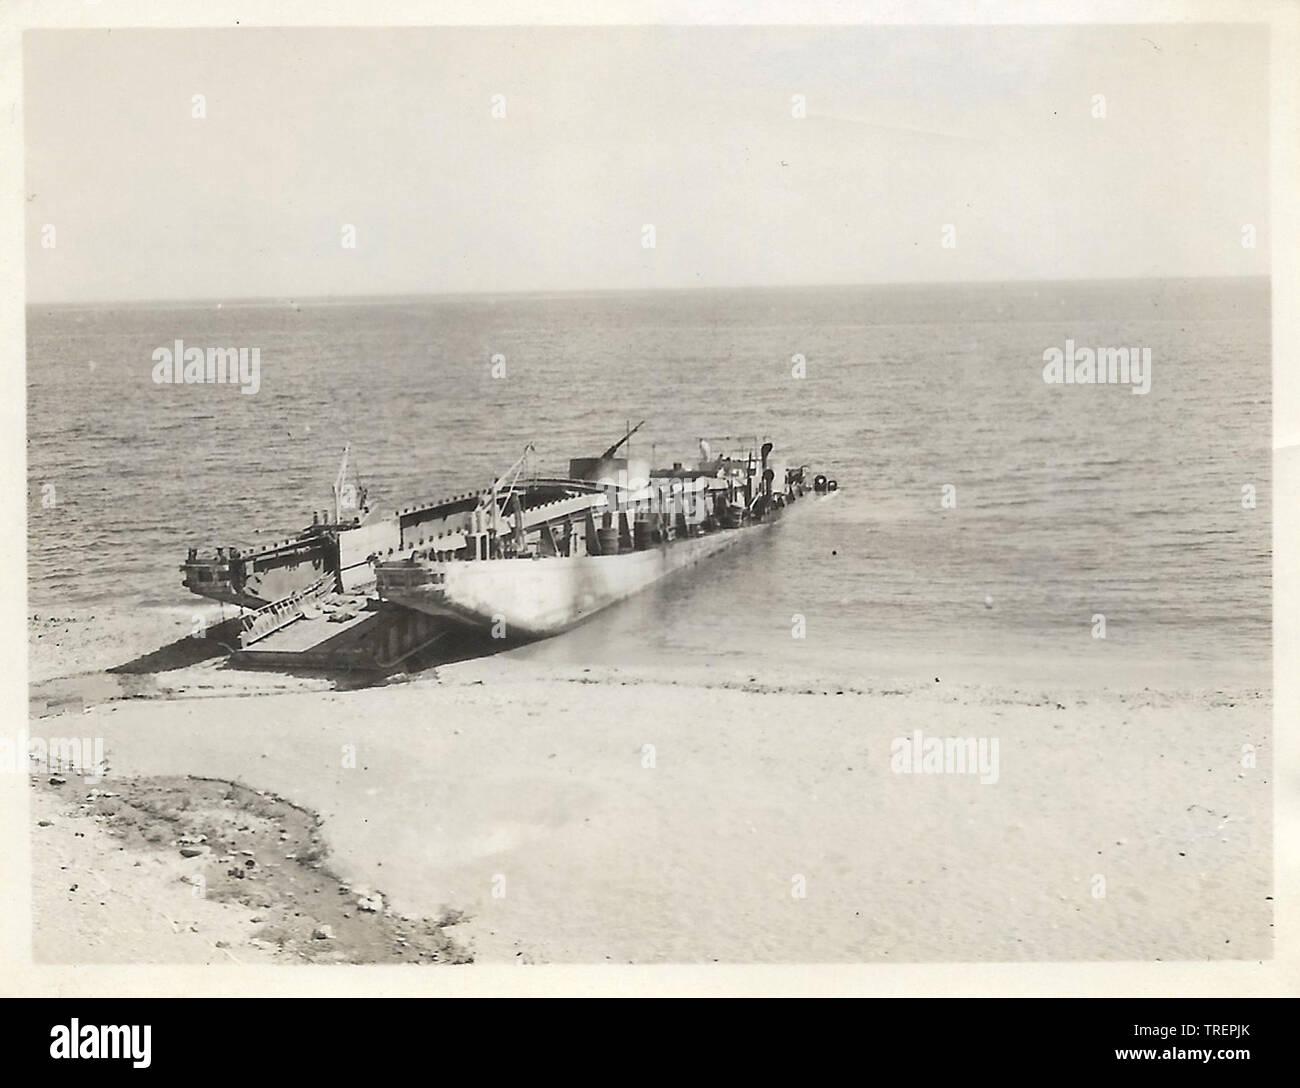 Débarquement de chars en Afrique du Nord pris en 1943/44 par Flt Sgt Gleed RAF WW2, de l'Escadron 223 Photo Stock